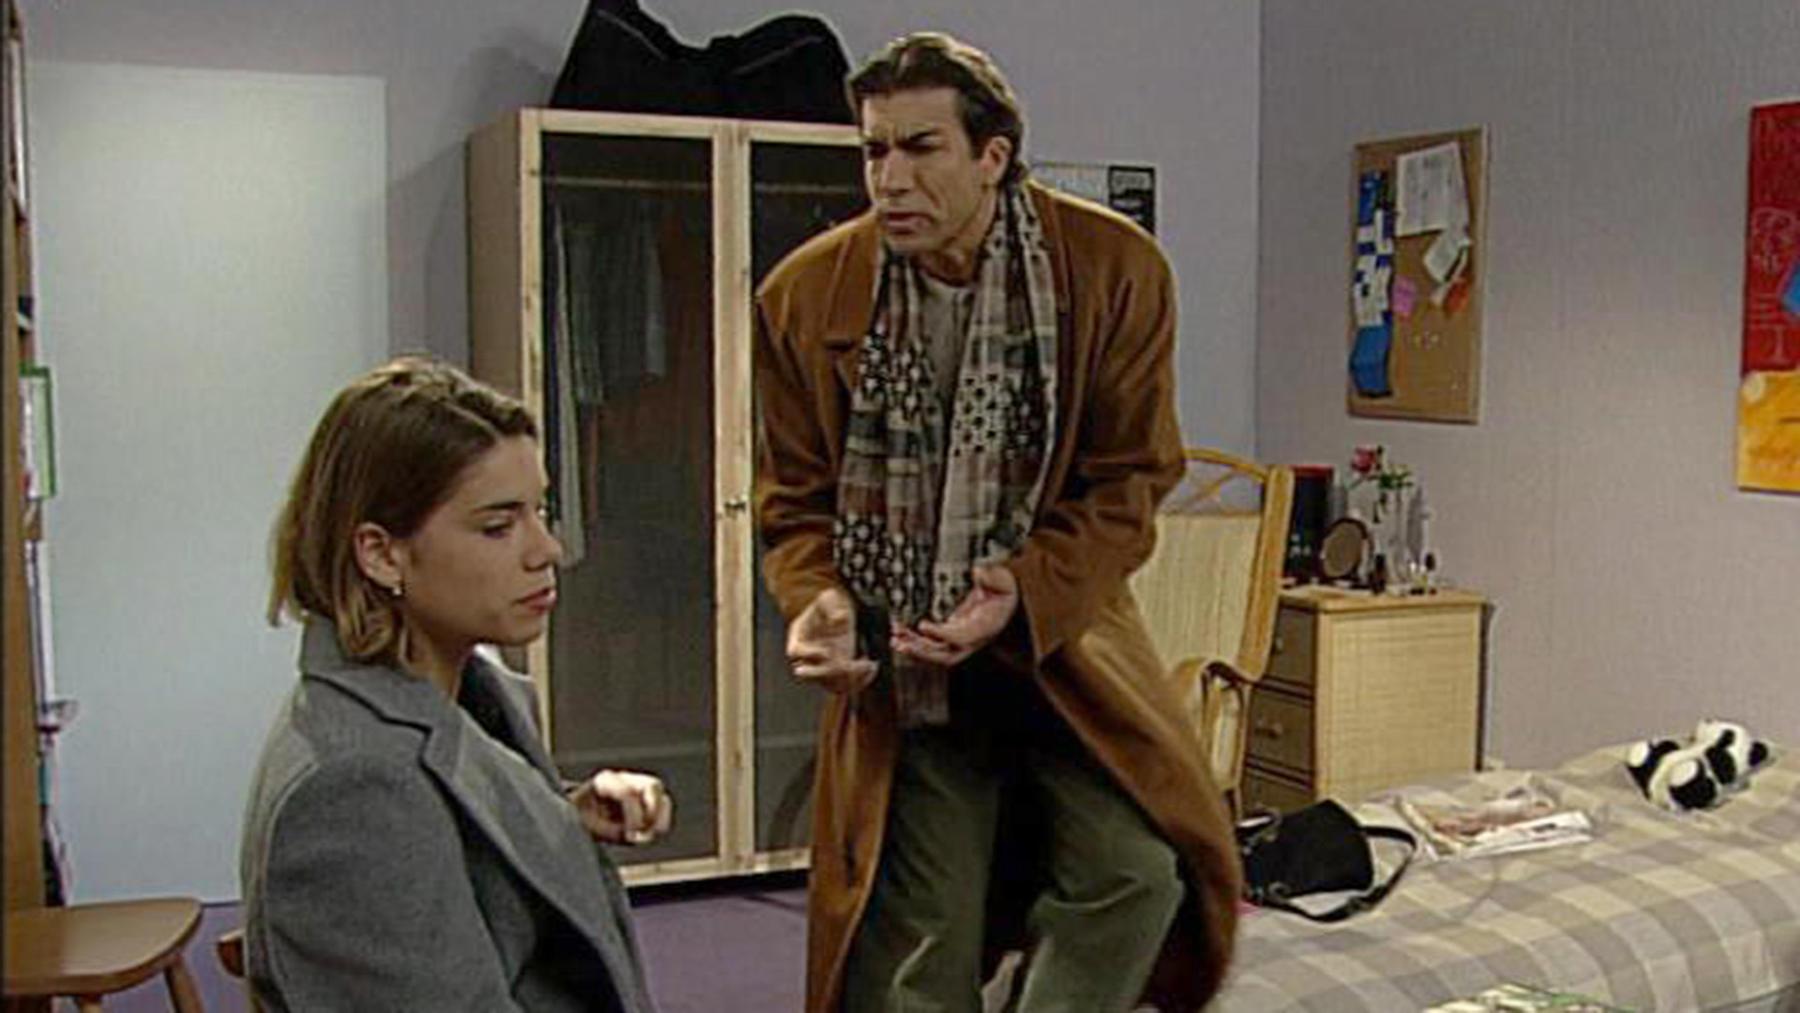 Joachim hat von Claire erfahren, dass er ihr Vater ist